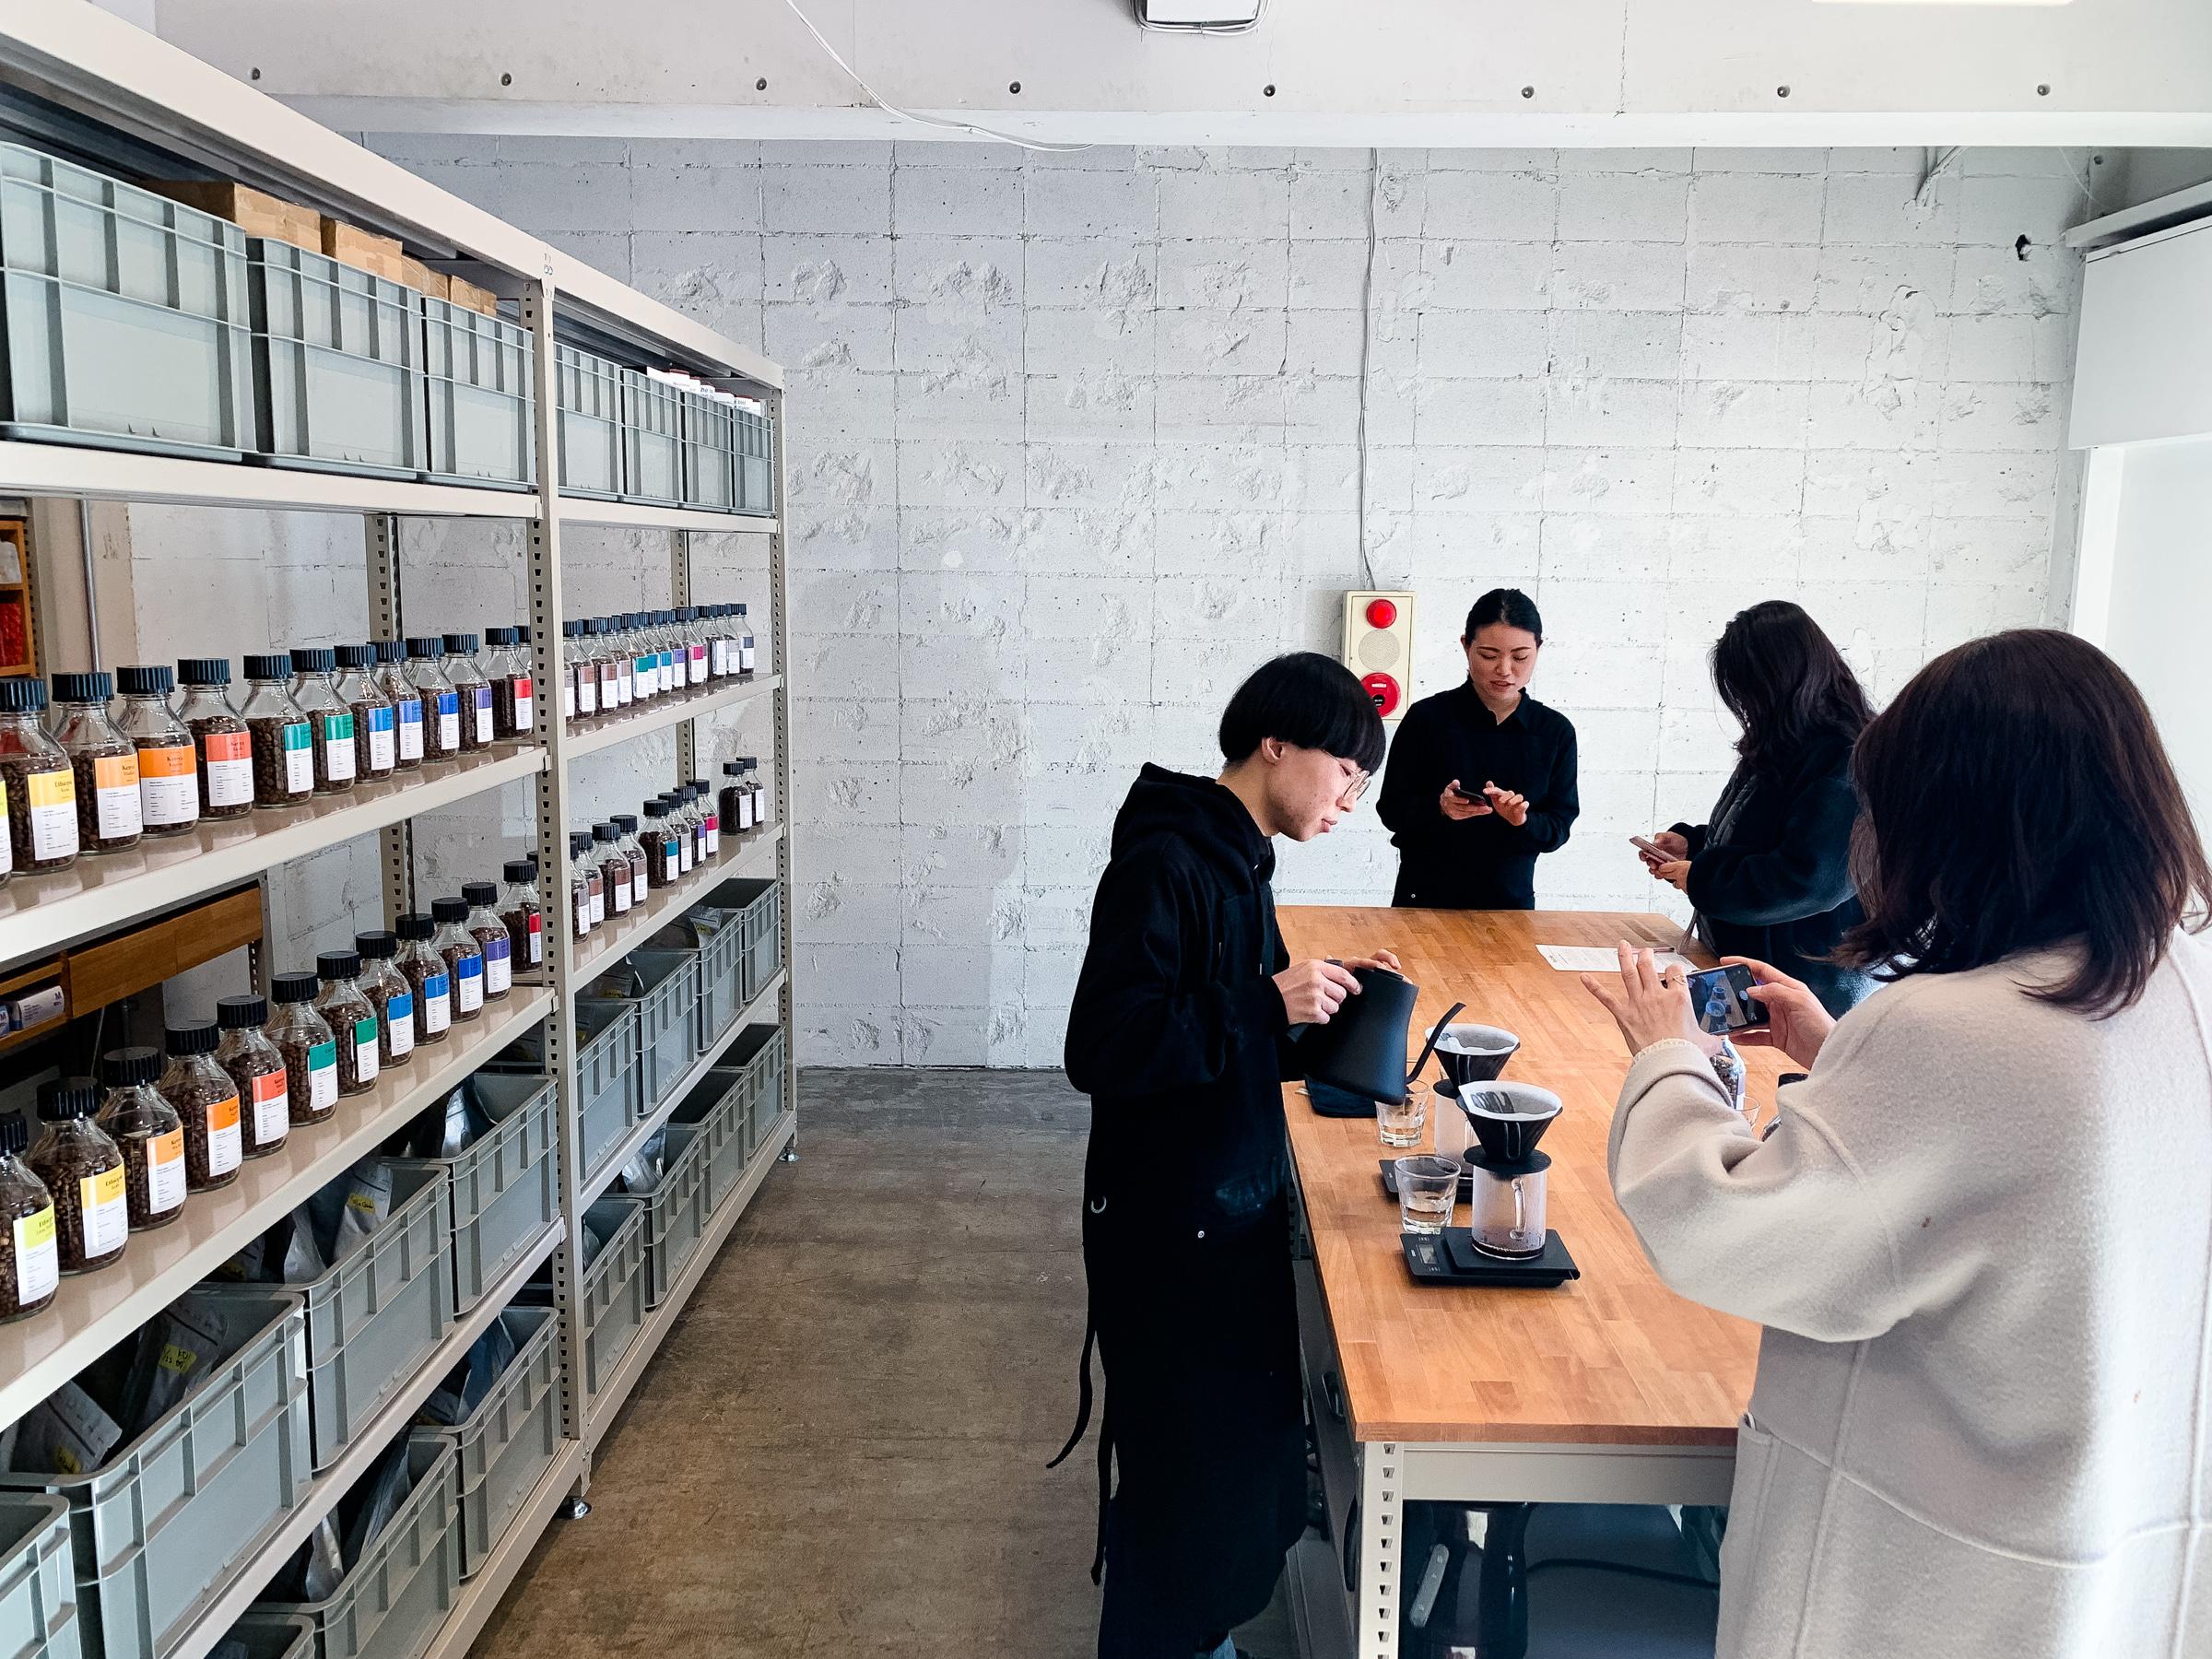 コーヒーのサブスク「PostCoffee」がD2C&Co.、三井住友海上キャピタル、サムライインキュベート、セレスから資金調達を実施。渋谷MODI 1Fで体験型のポップアップストアを期間限定で開催